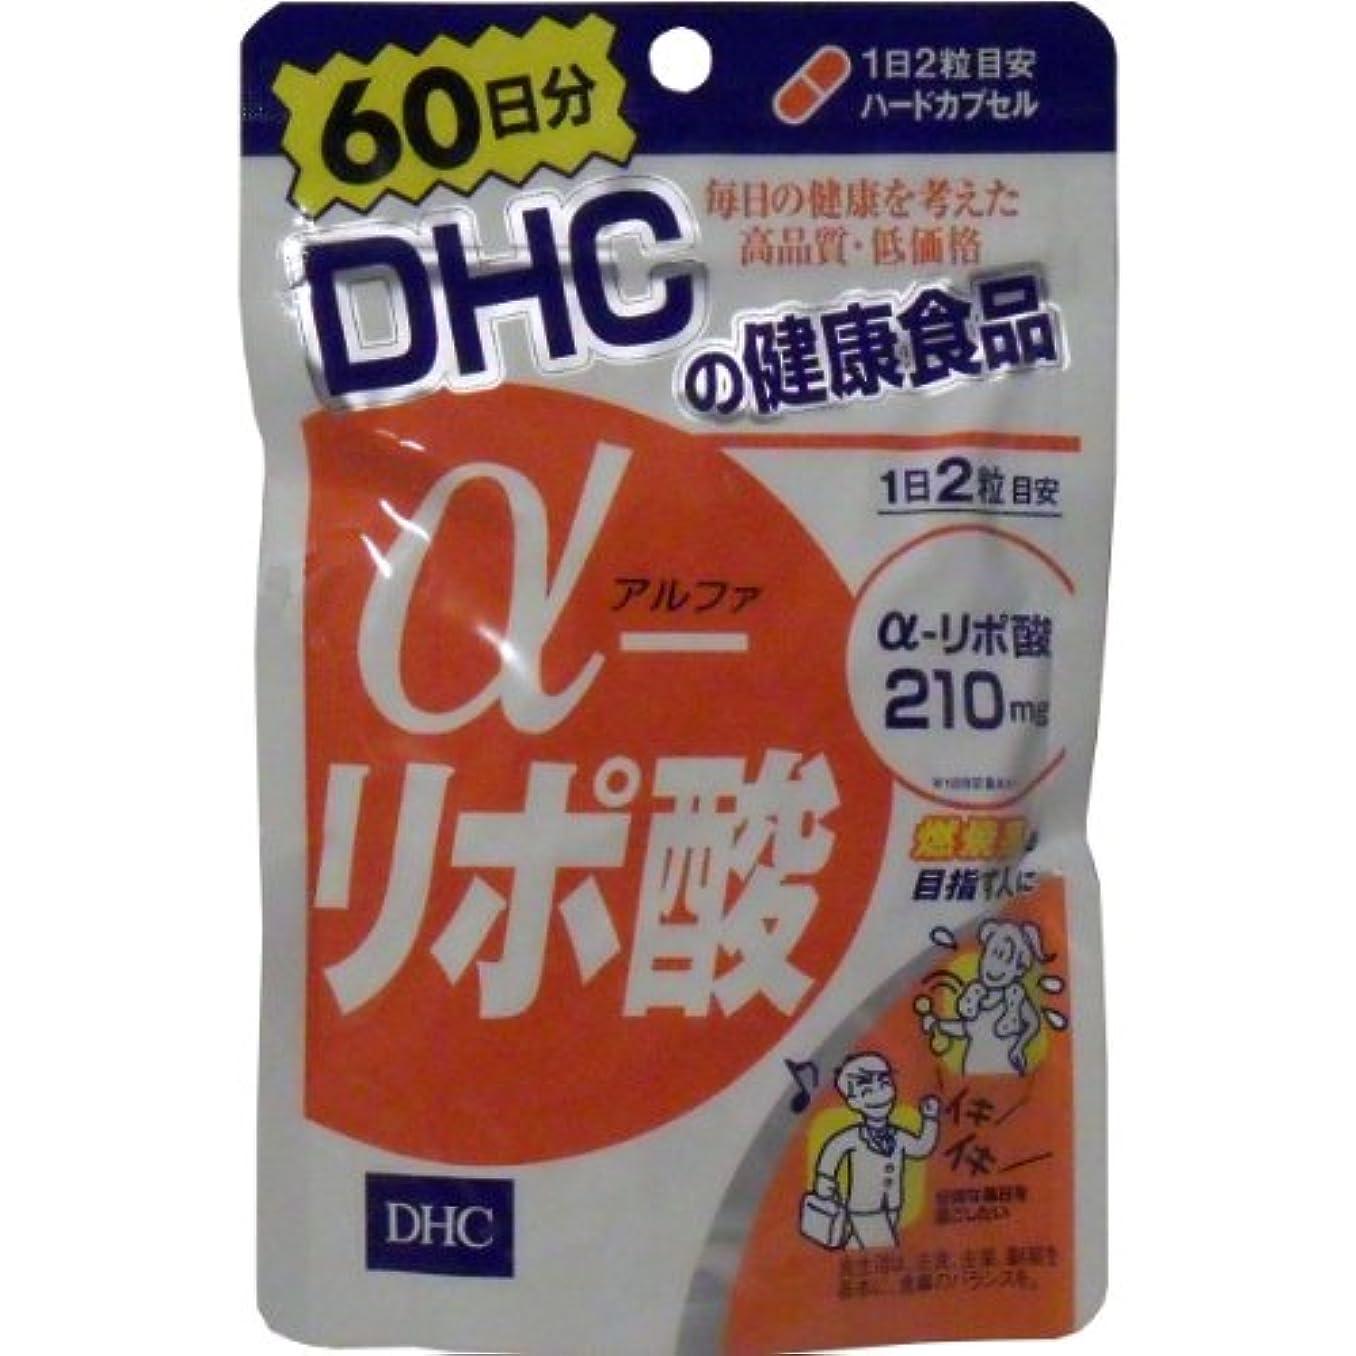 なかなか薬用受信α-リポ酸は、もともと体内にあるエネルギー活性成分。サプリメントでの効率的な補給がおすすめ!DHC120粒 60日分 【4個セット】